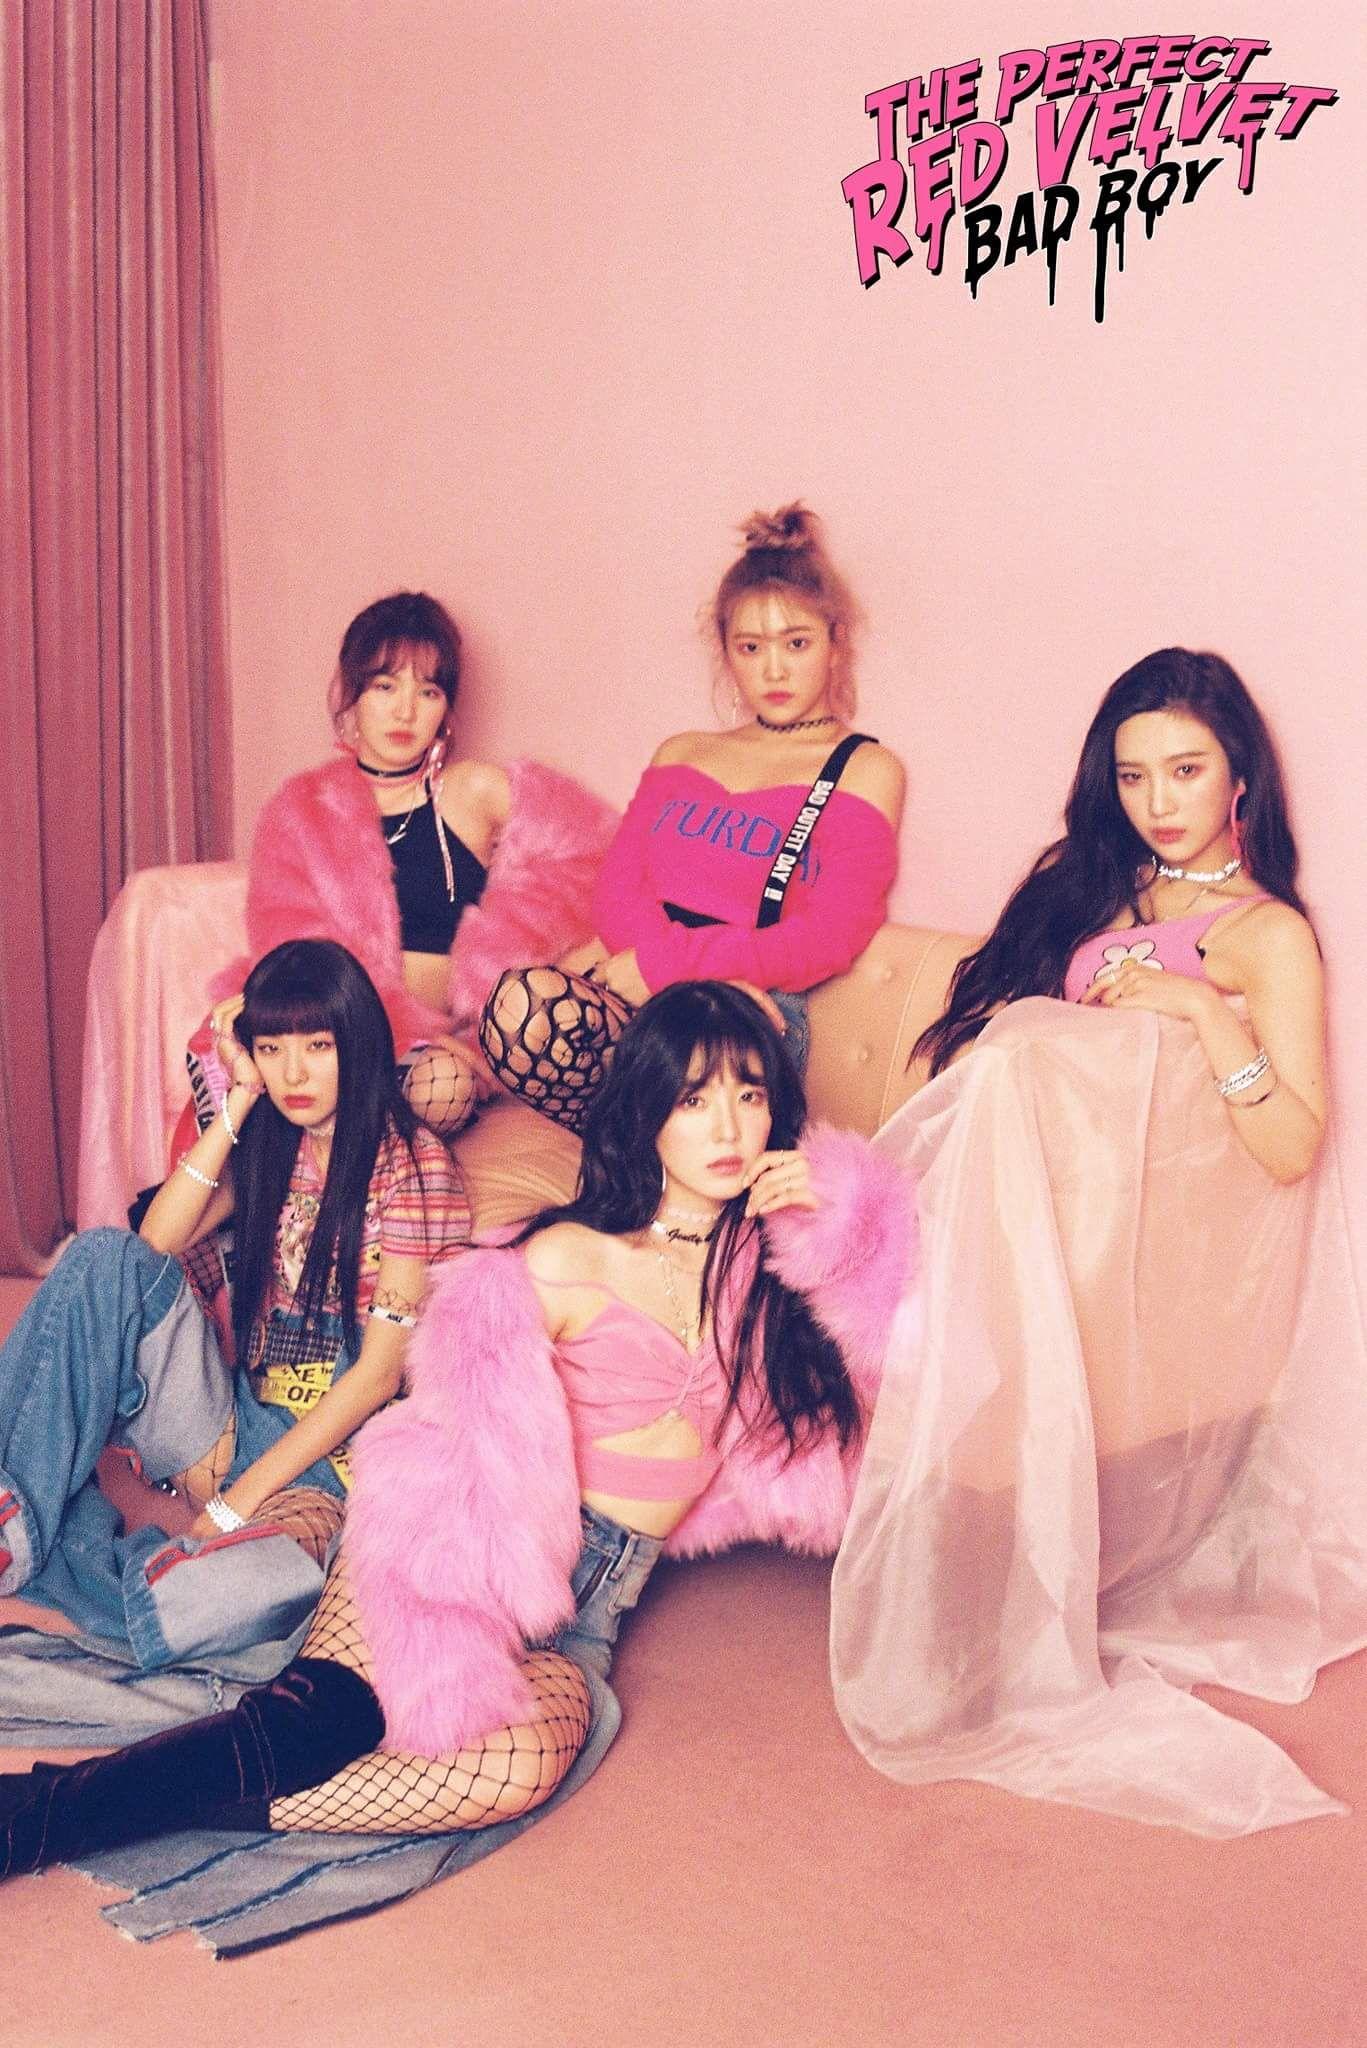 Red Velvet Style As Summer 2018 Streetwear Vixens For Bad Boy